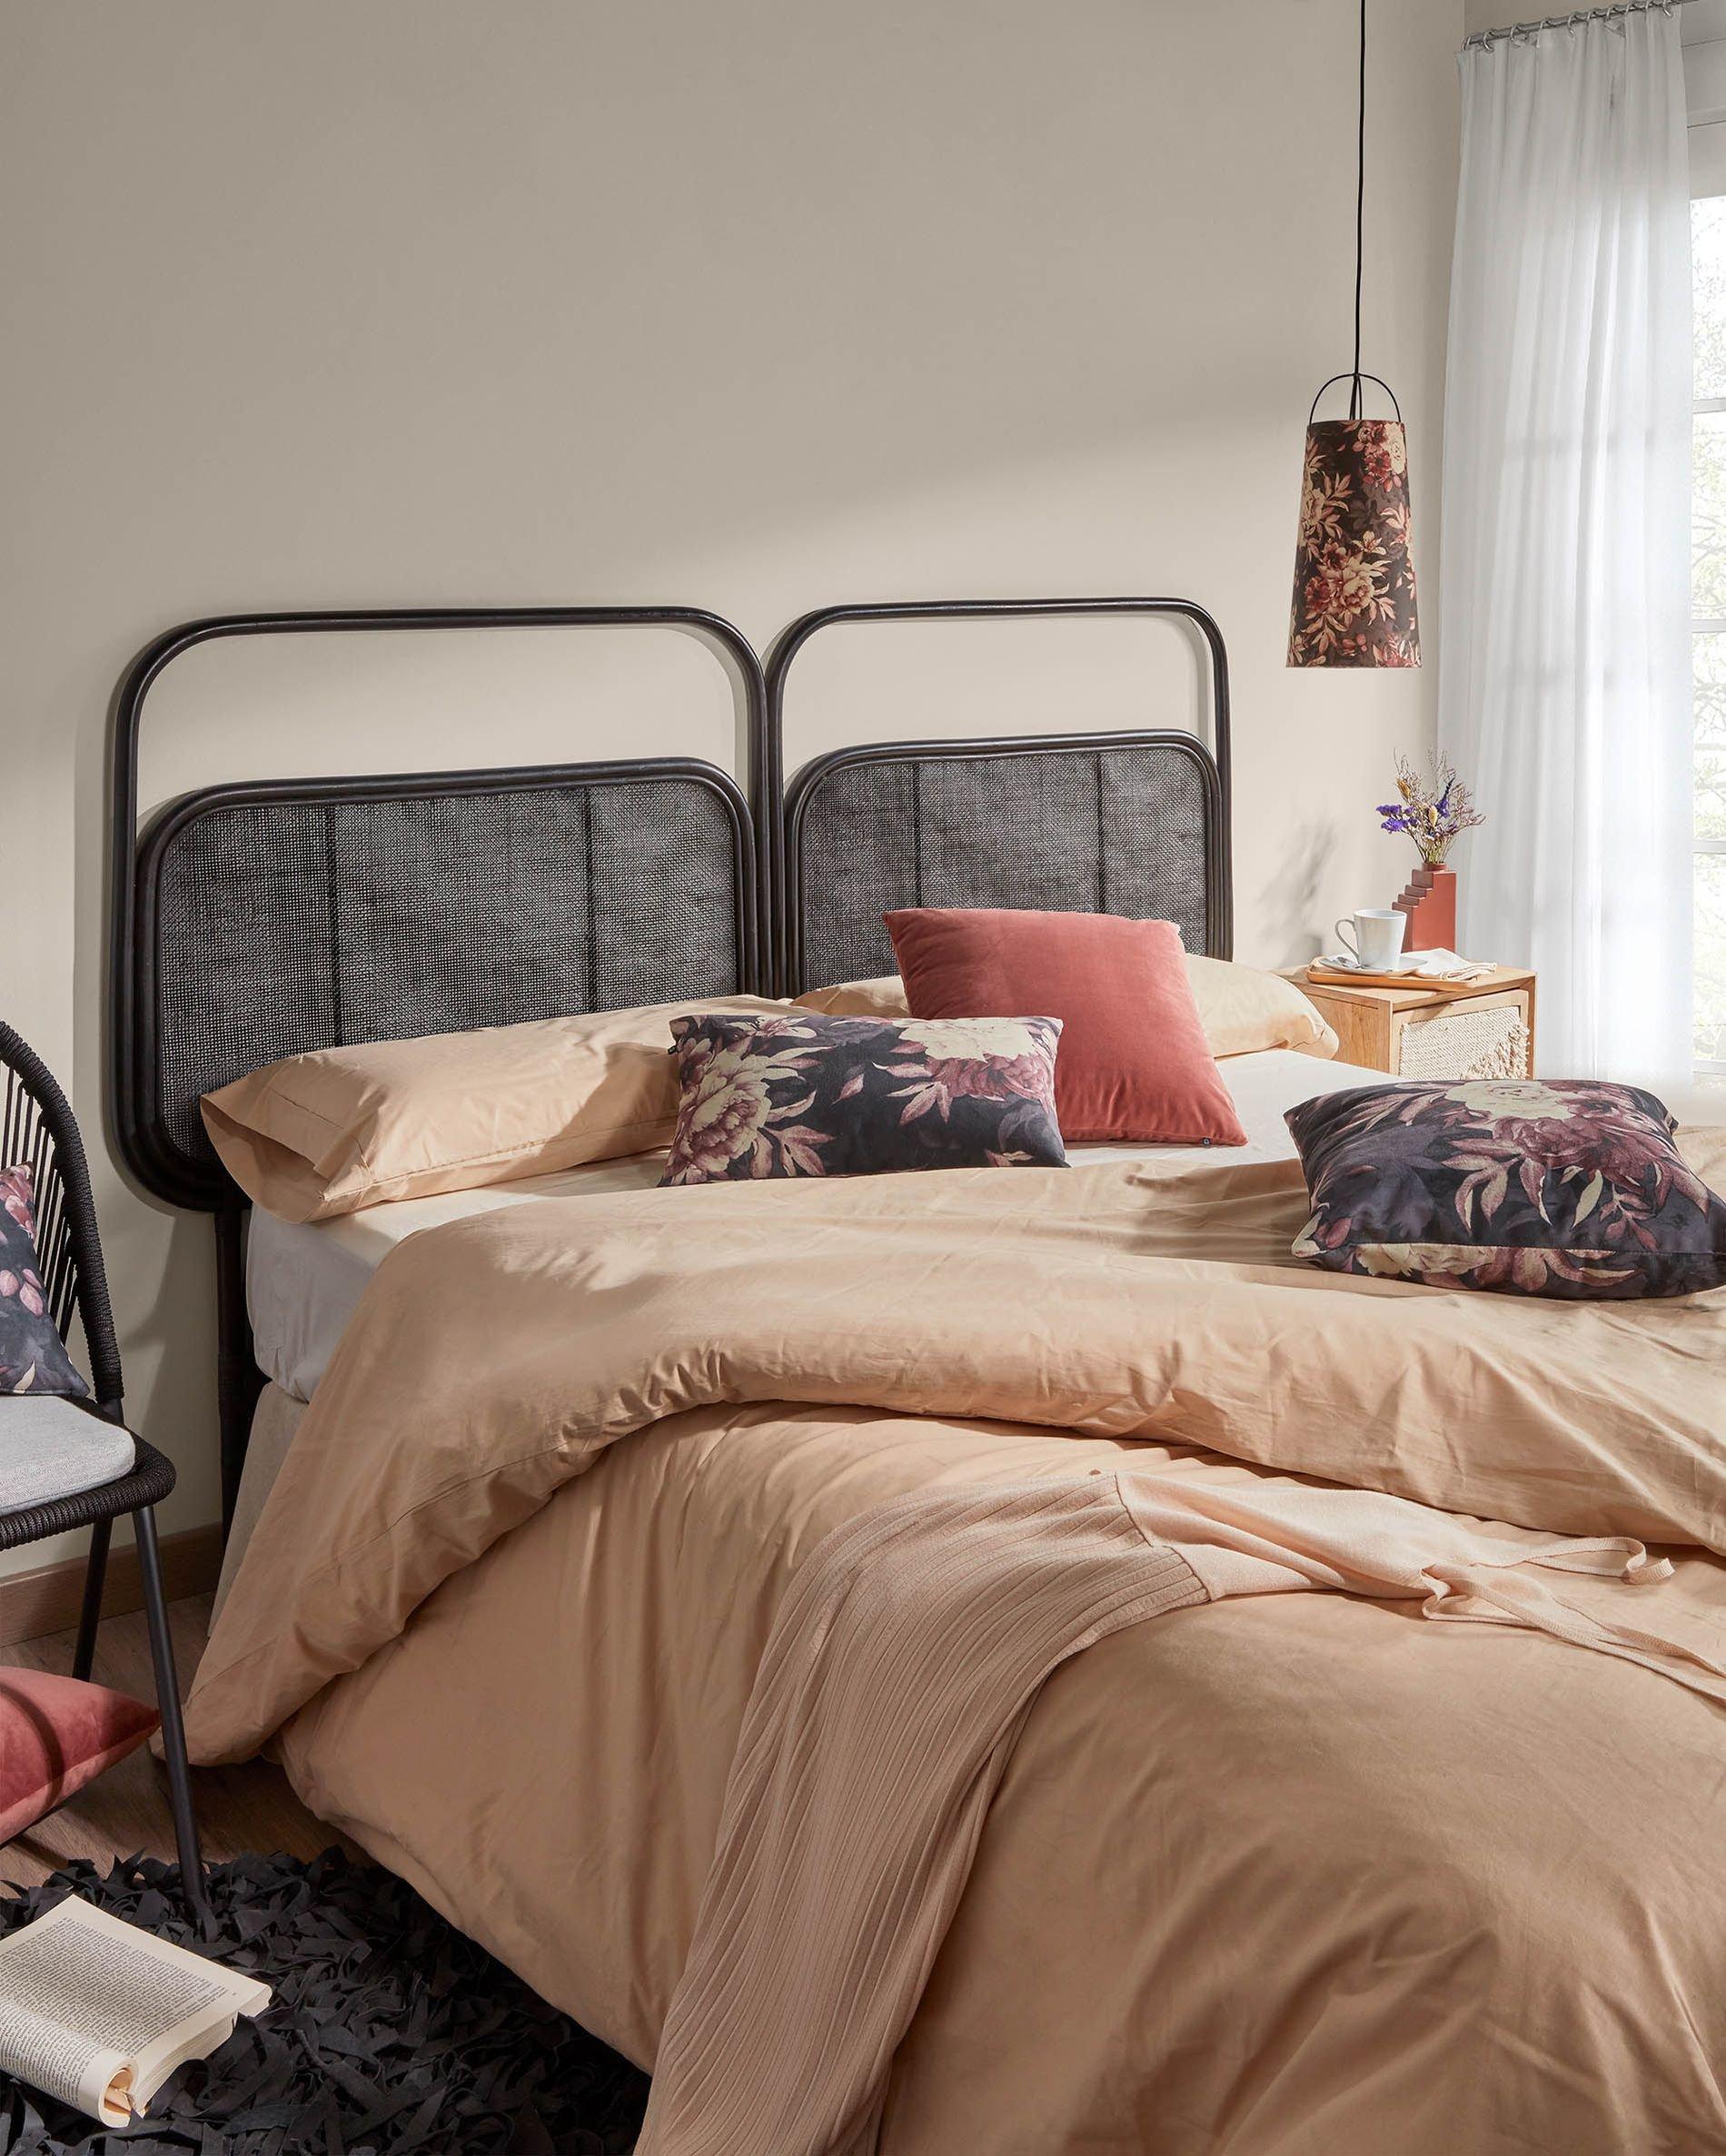 lampara-techo-dormitorio